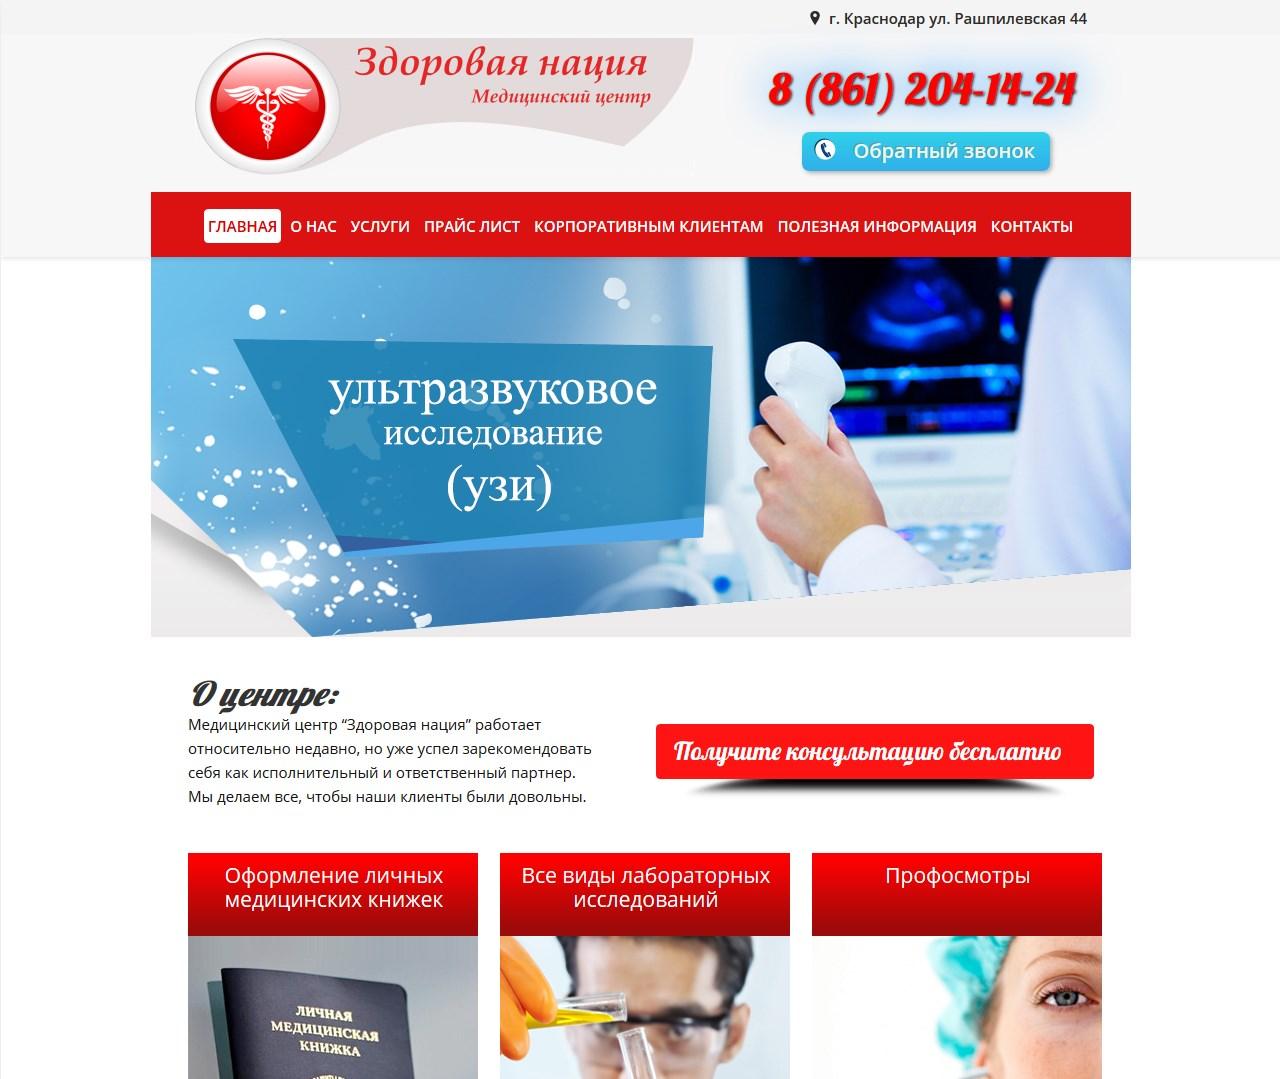 Реклама в интернете краснодар бесплатно прогнать сайт 3-я Фрунзенская улица